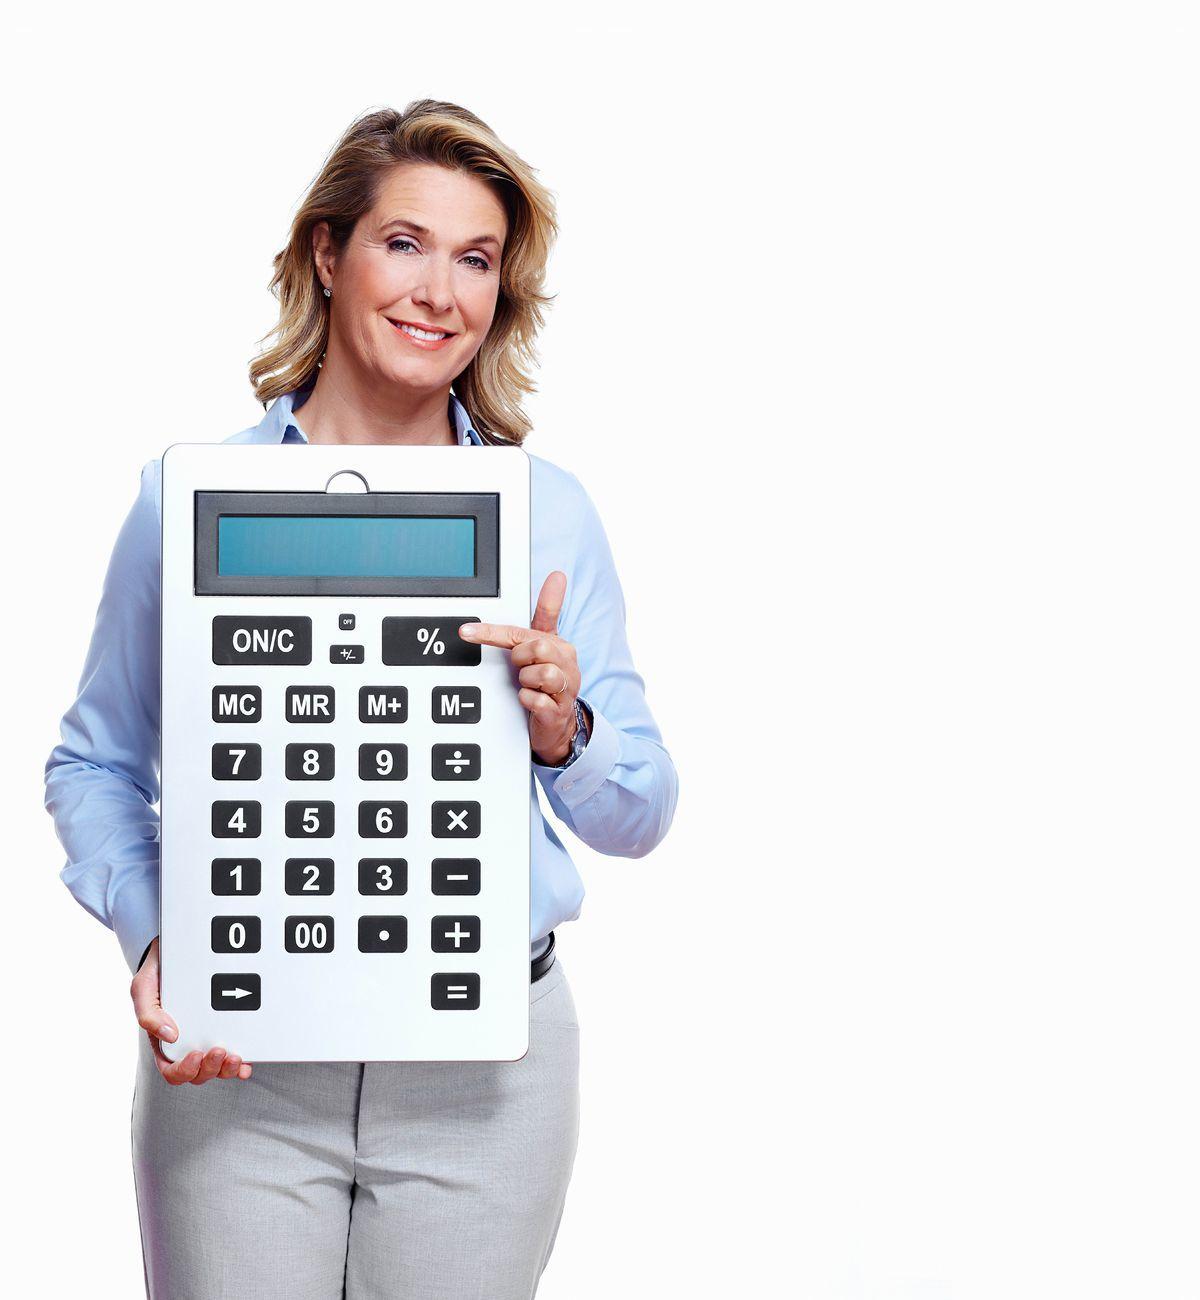 žena, kalkulačka, úsmev